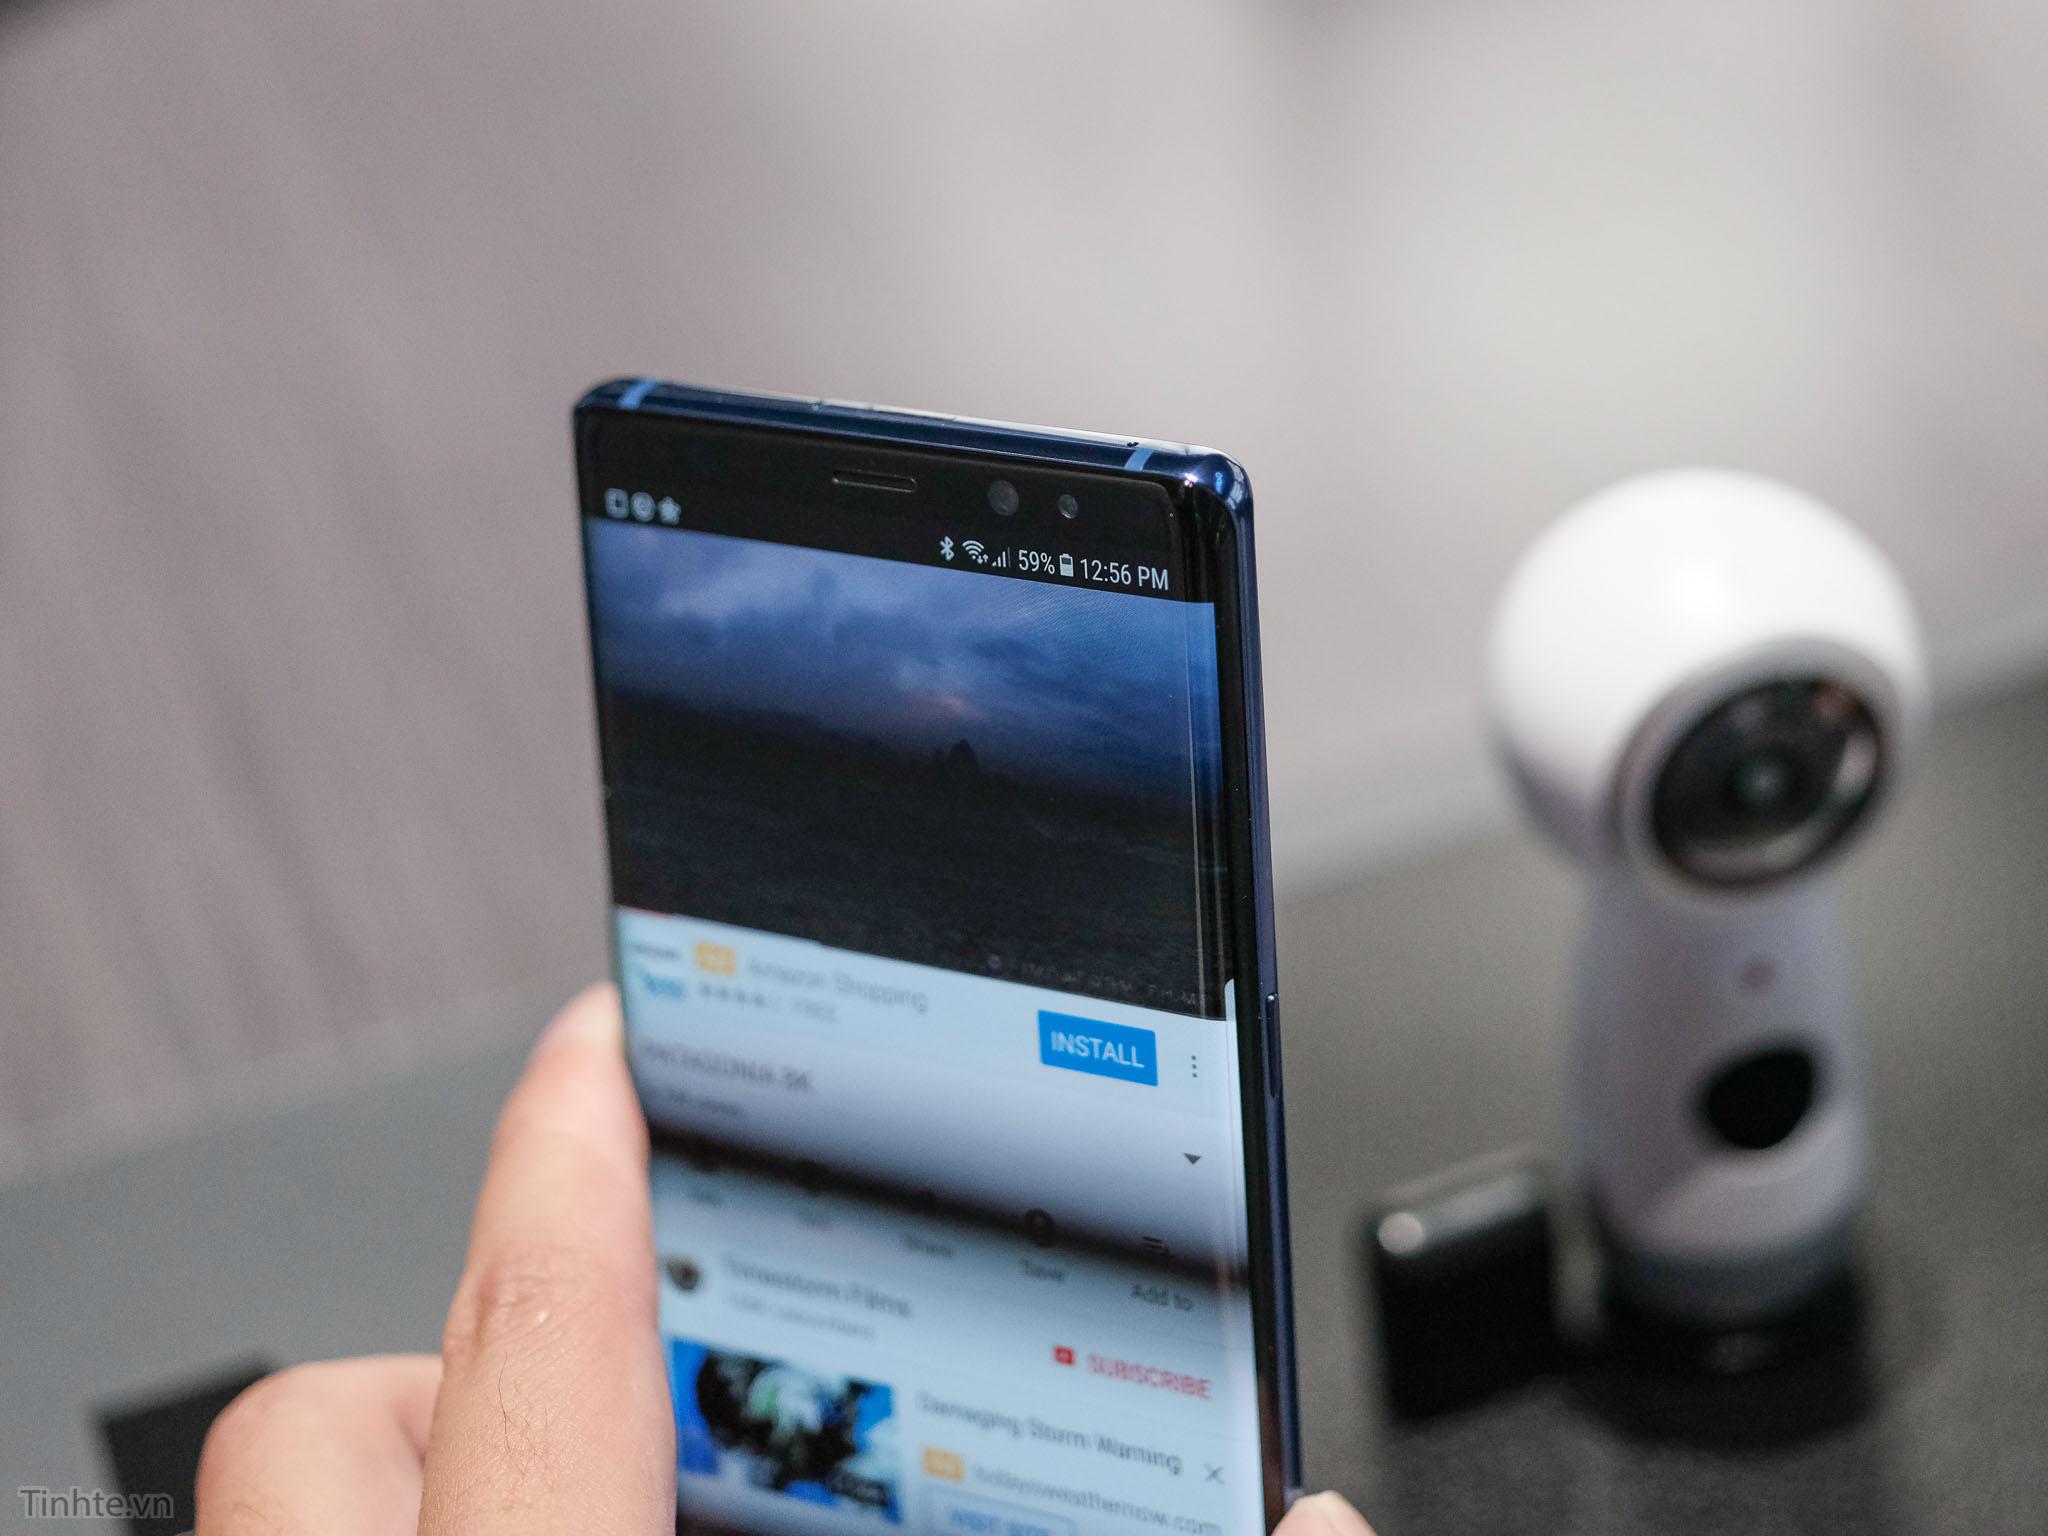 Samsung_Galaxy_Note_8_tinhte.vn-9.jpg